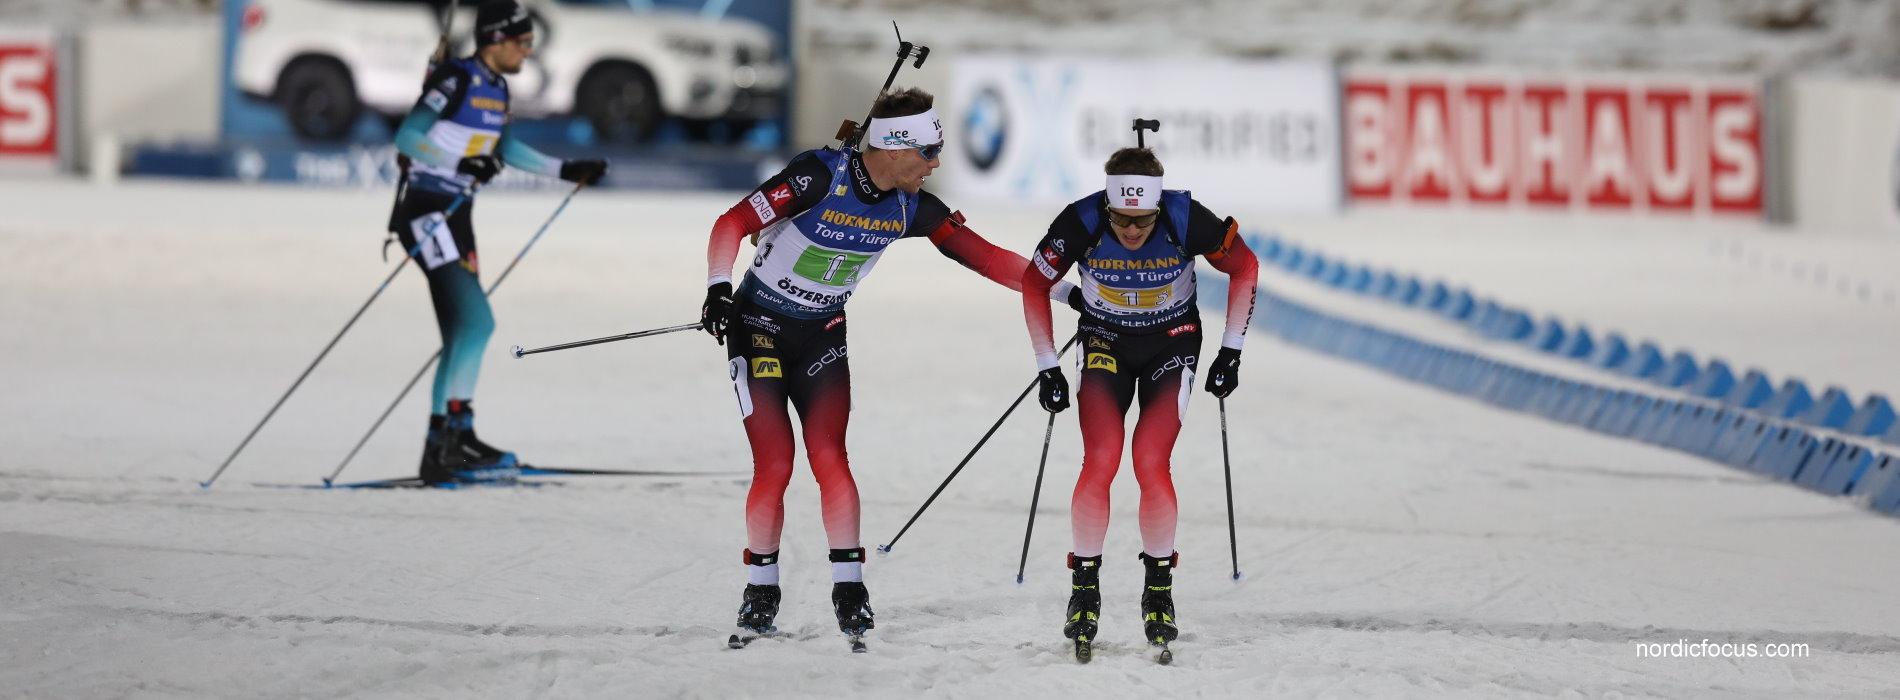 Sieger Norwegen mit Boe in Östersund